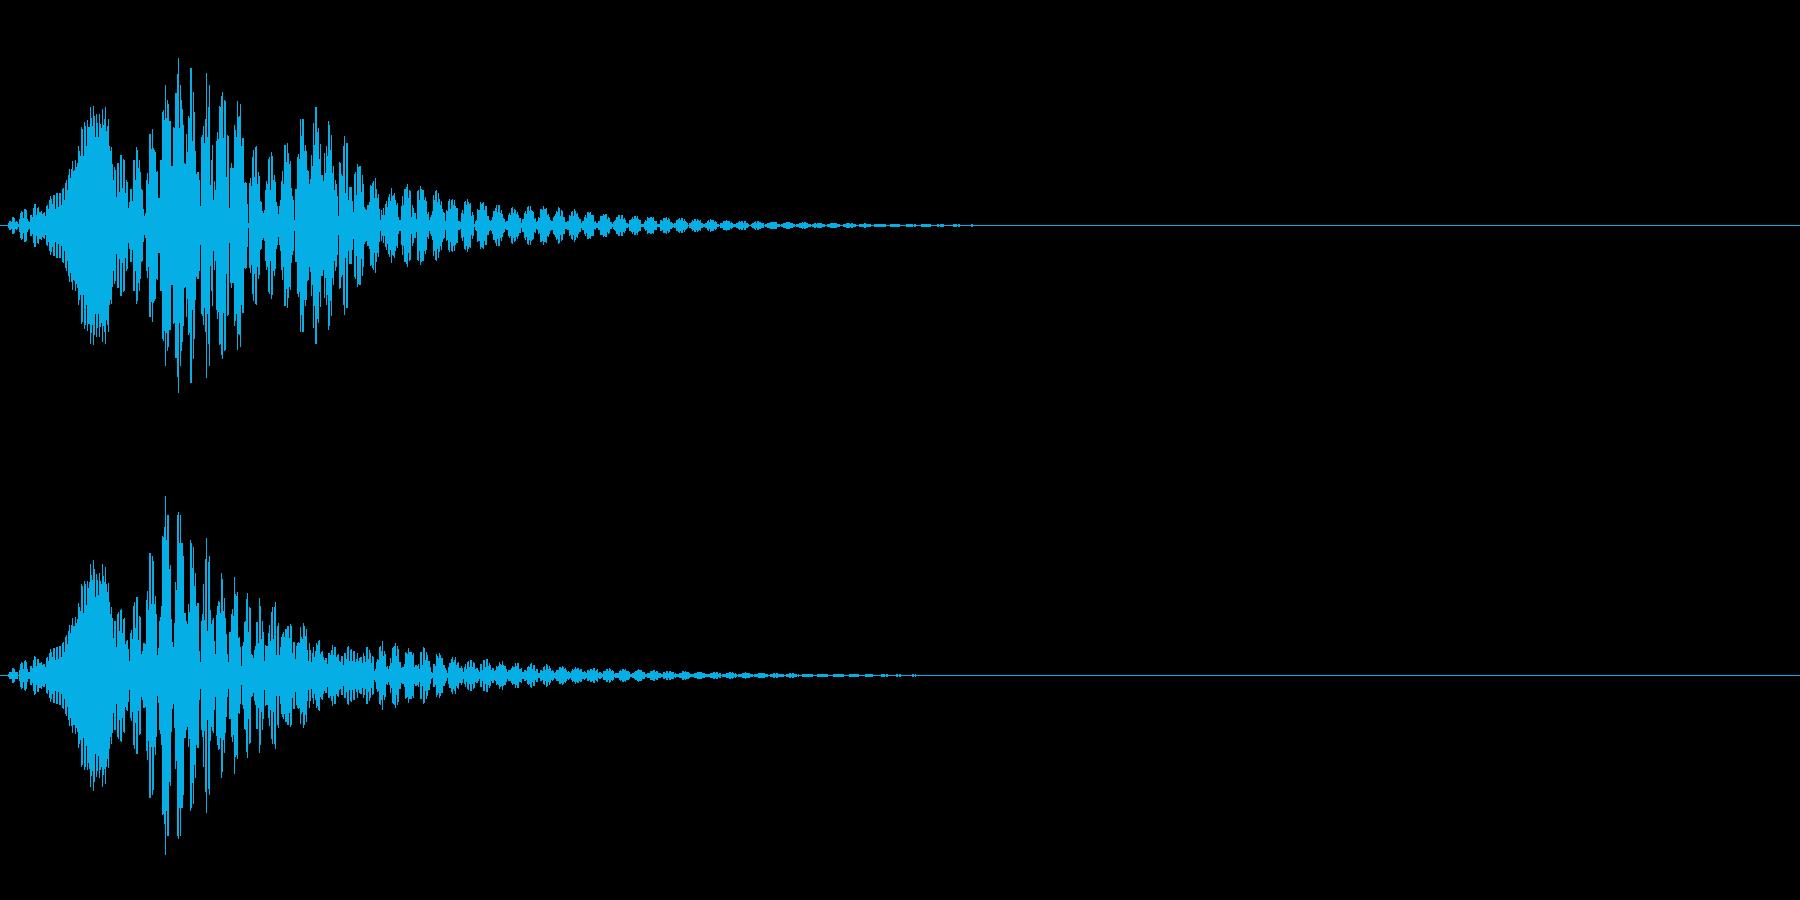 ボワン(状態異常回復の音)の再生済みの波形